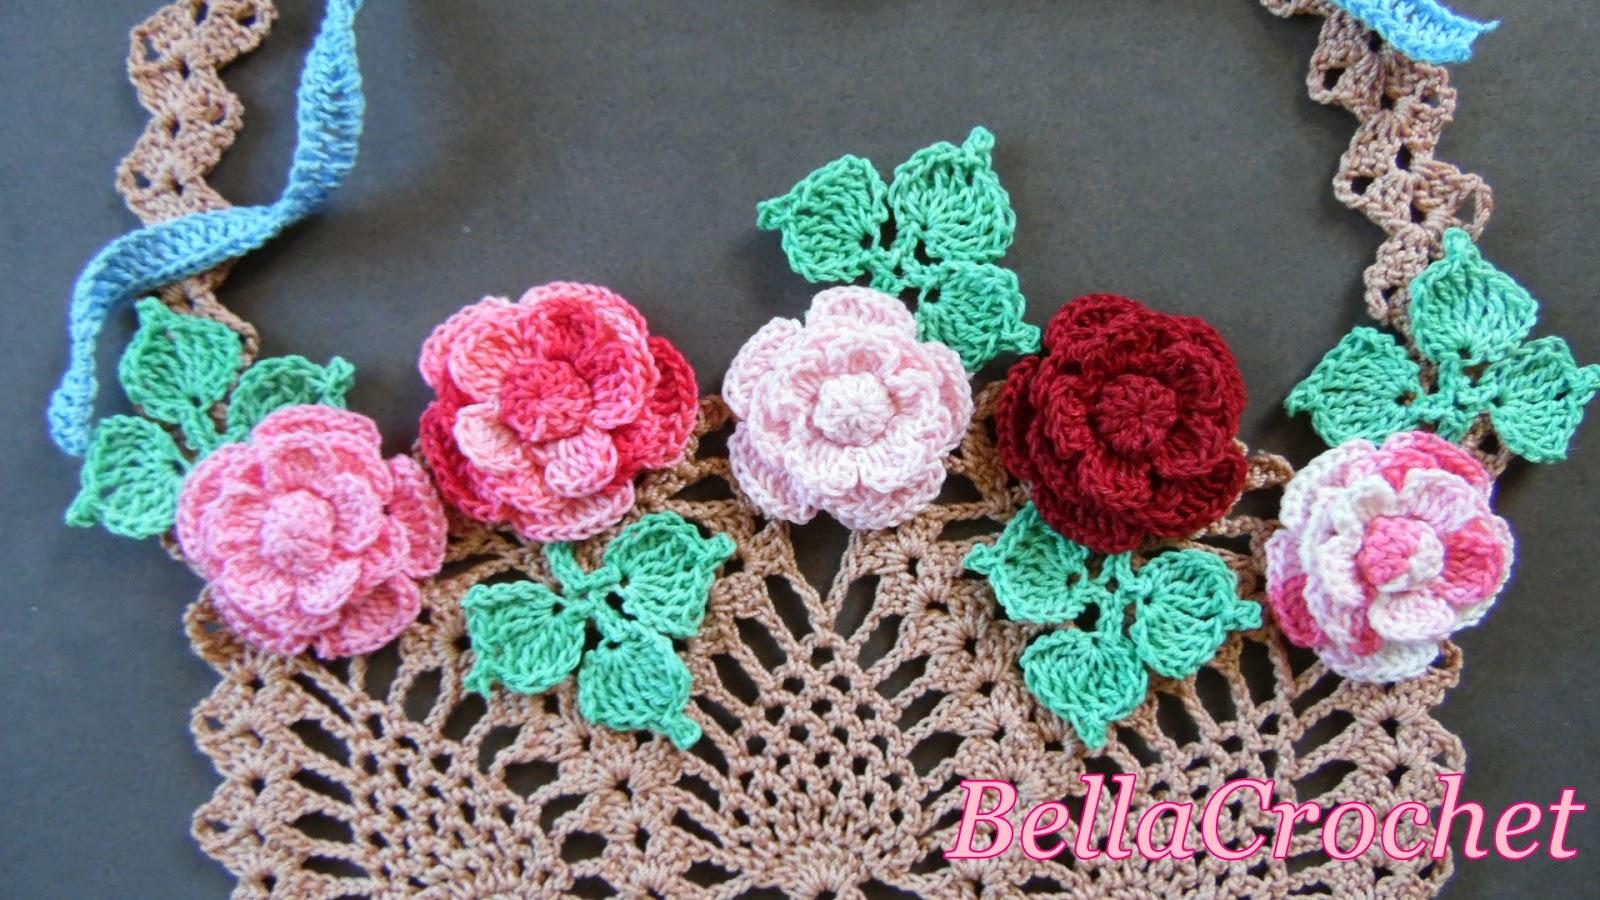 Free Crochet Flower Basket Pattern : Bellacrochet flower basket of roses a free crochet